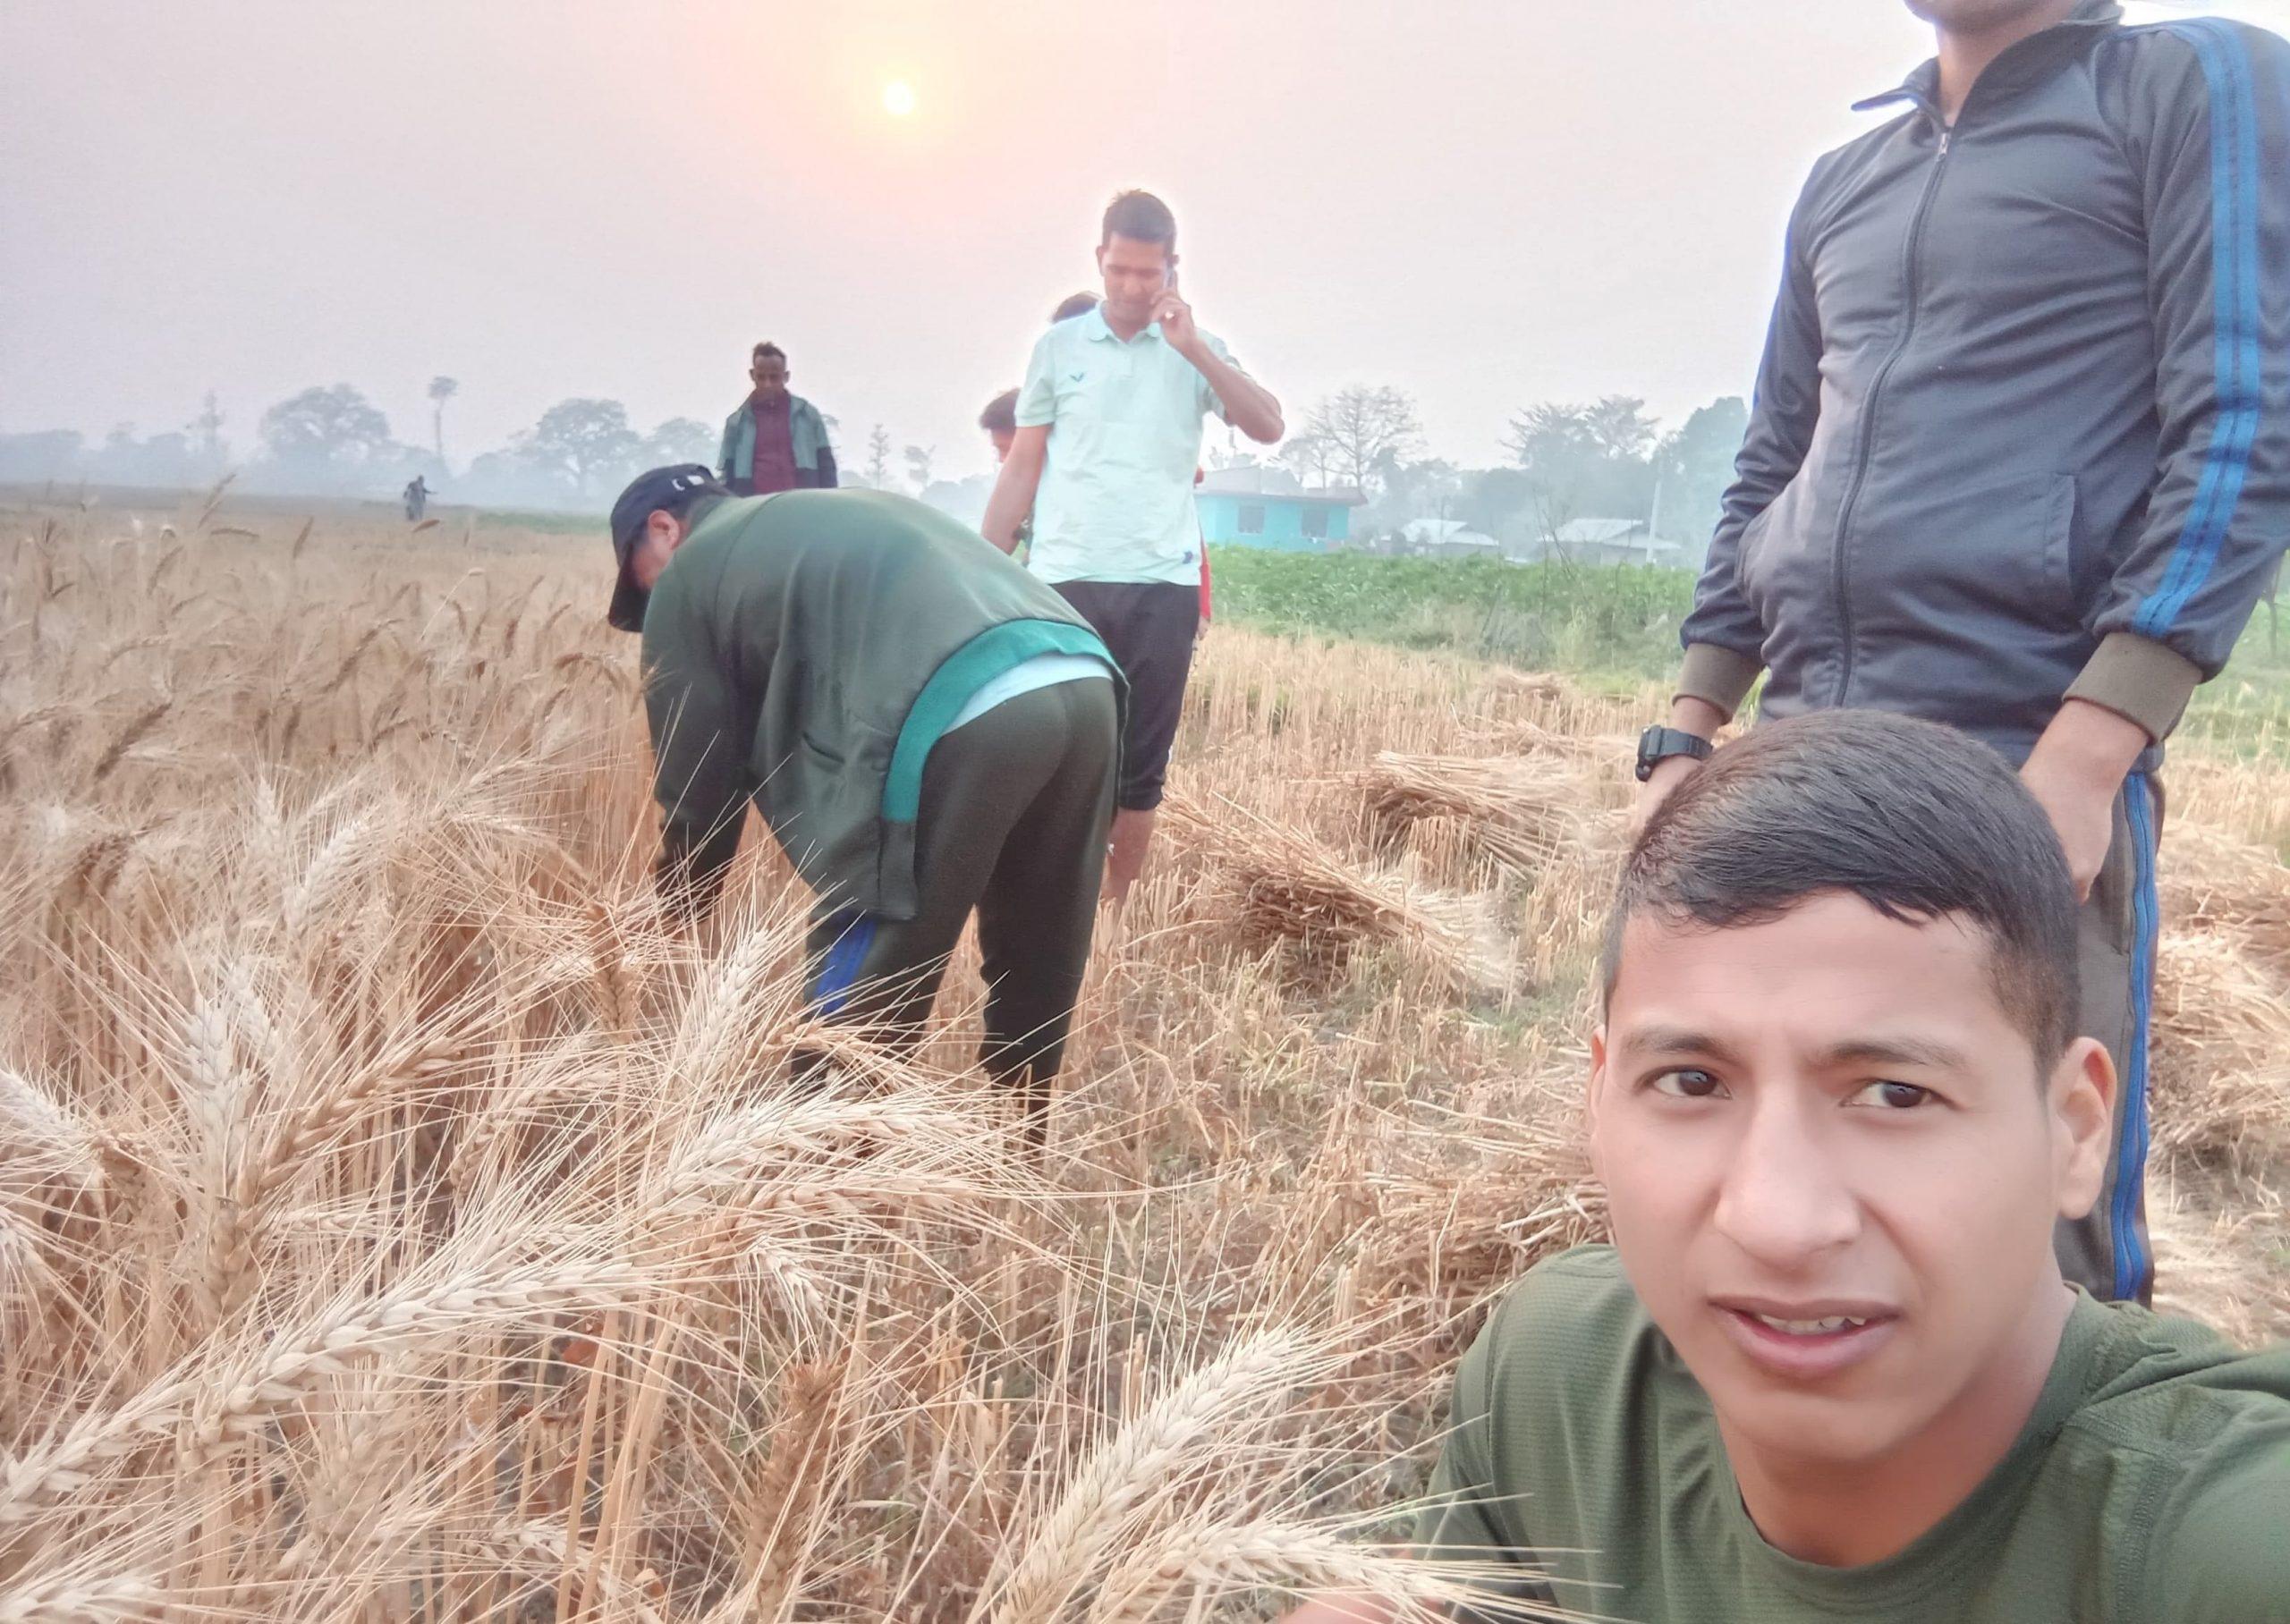 जननेता विप्लव किसानको खेतमा गहुँ काट्दै